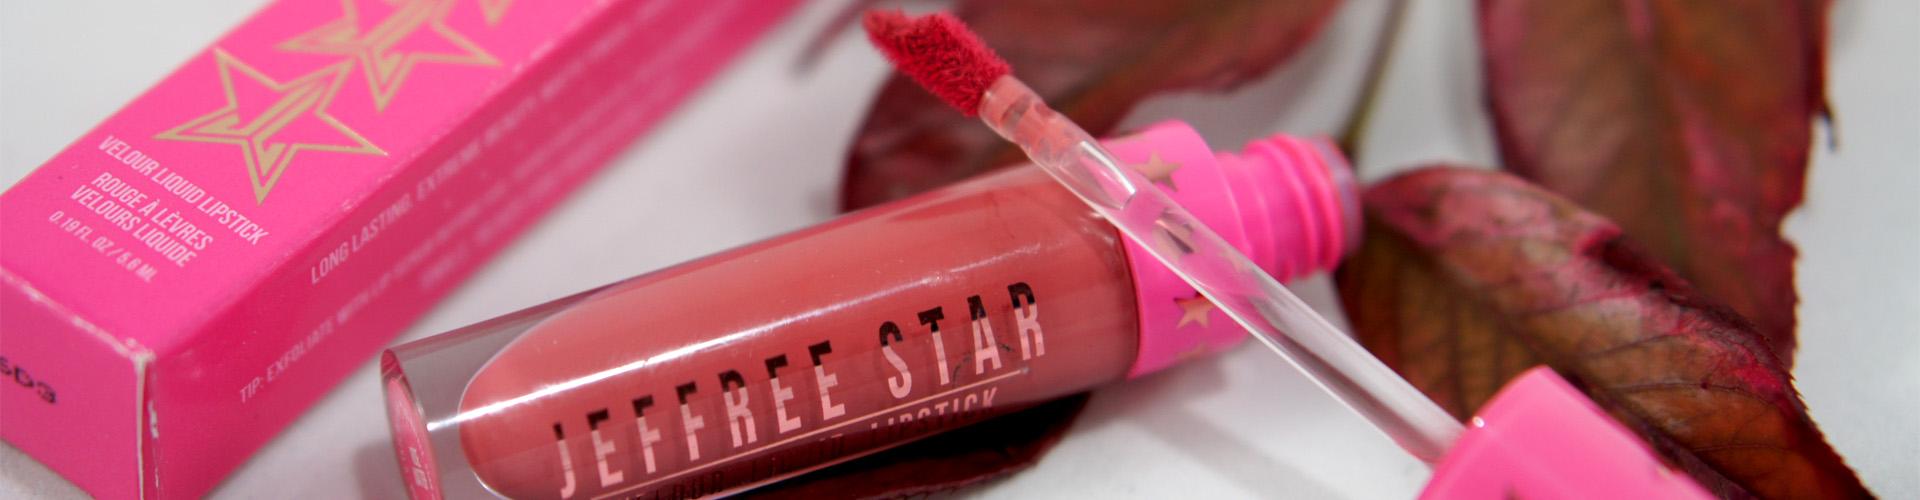 Jeffree Star Velour Liquid Lipstick: крутая помада сомнительного происхождения